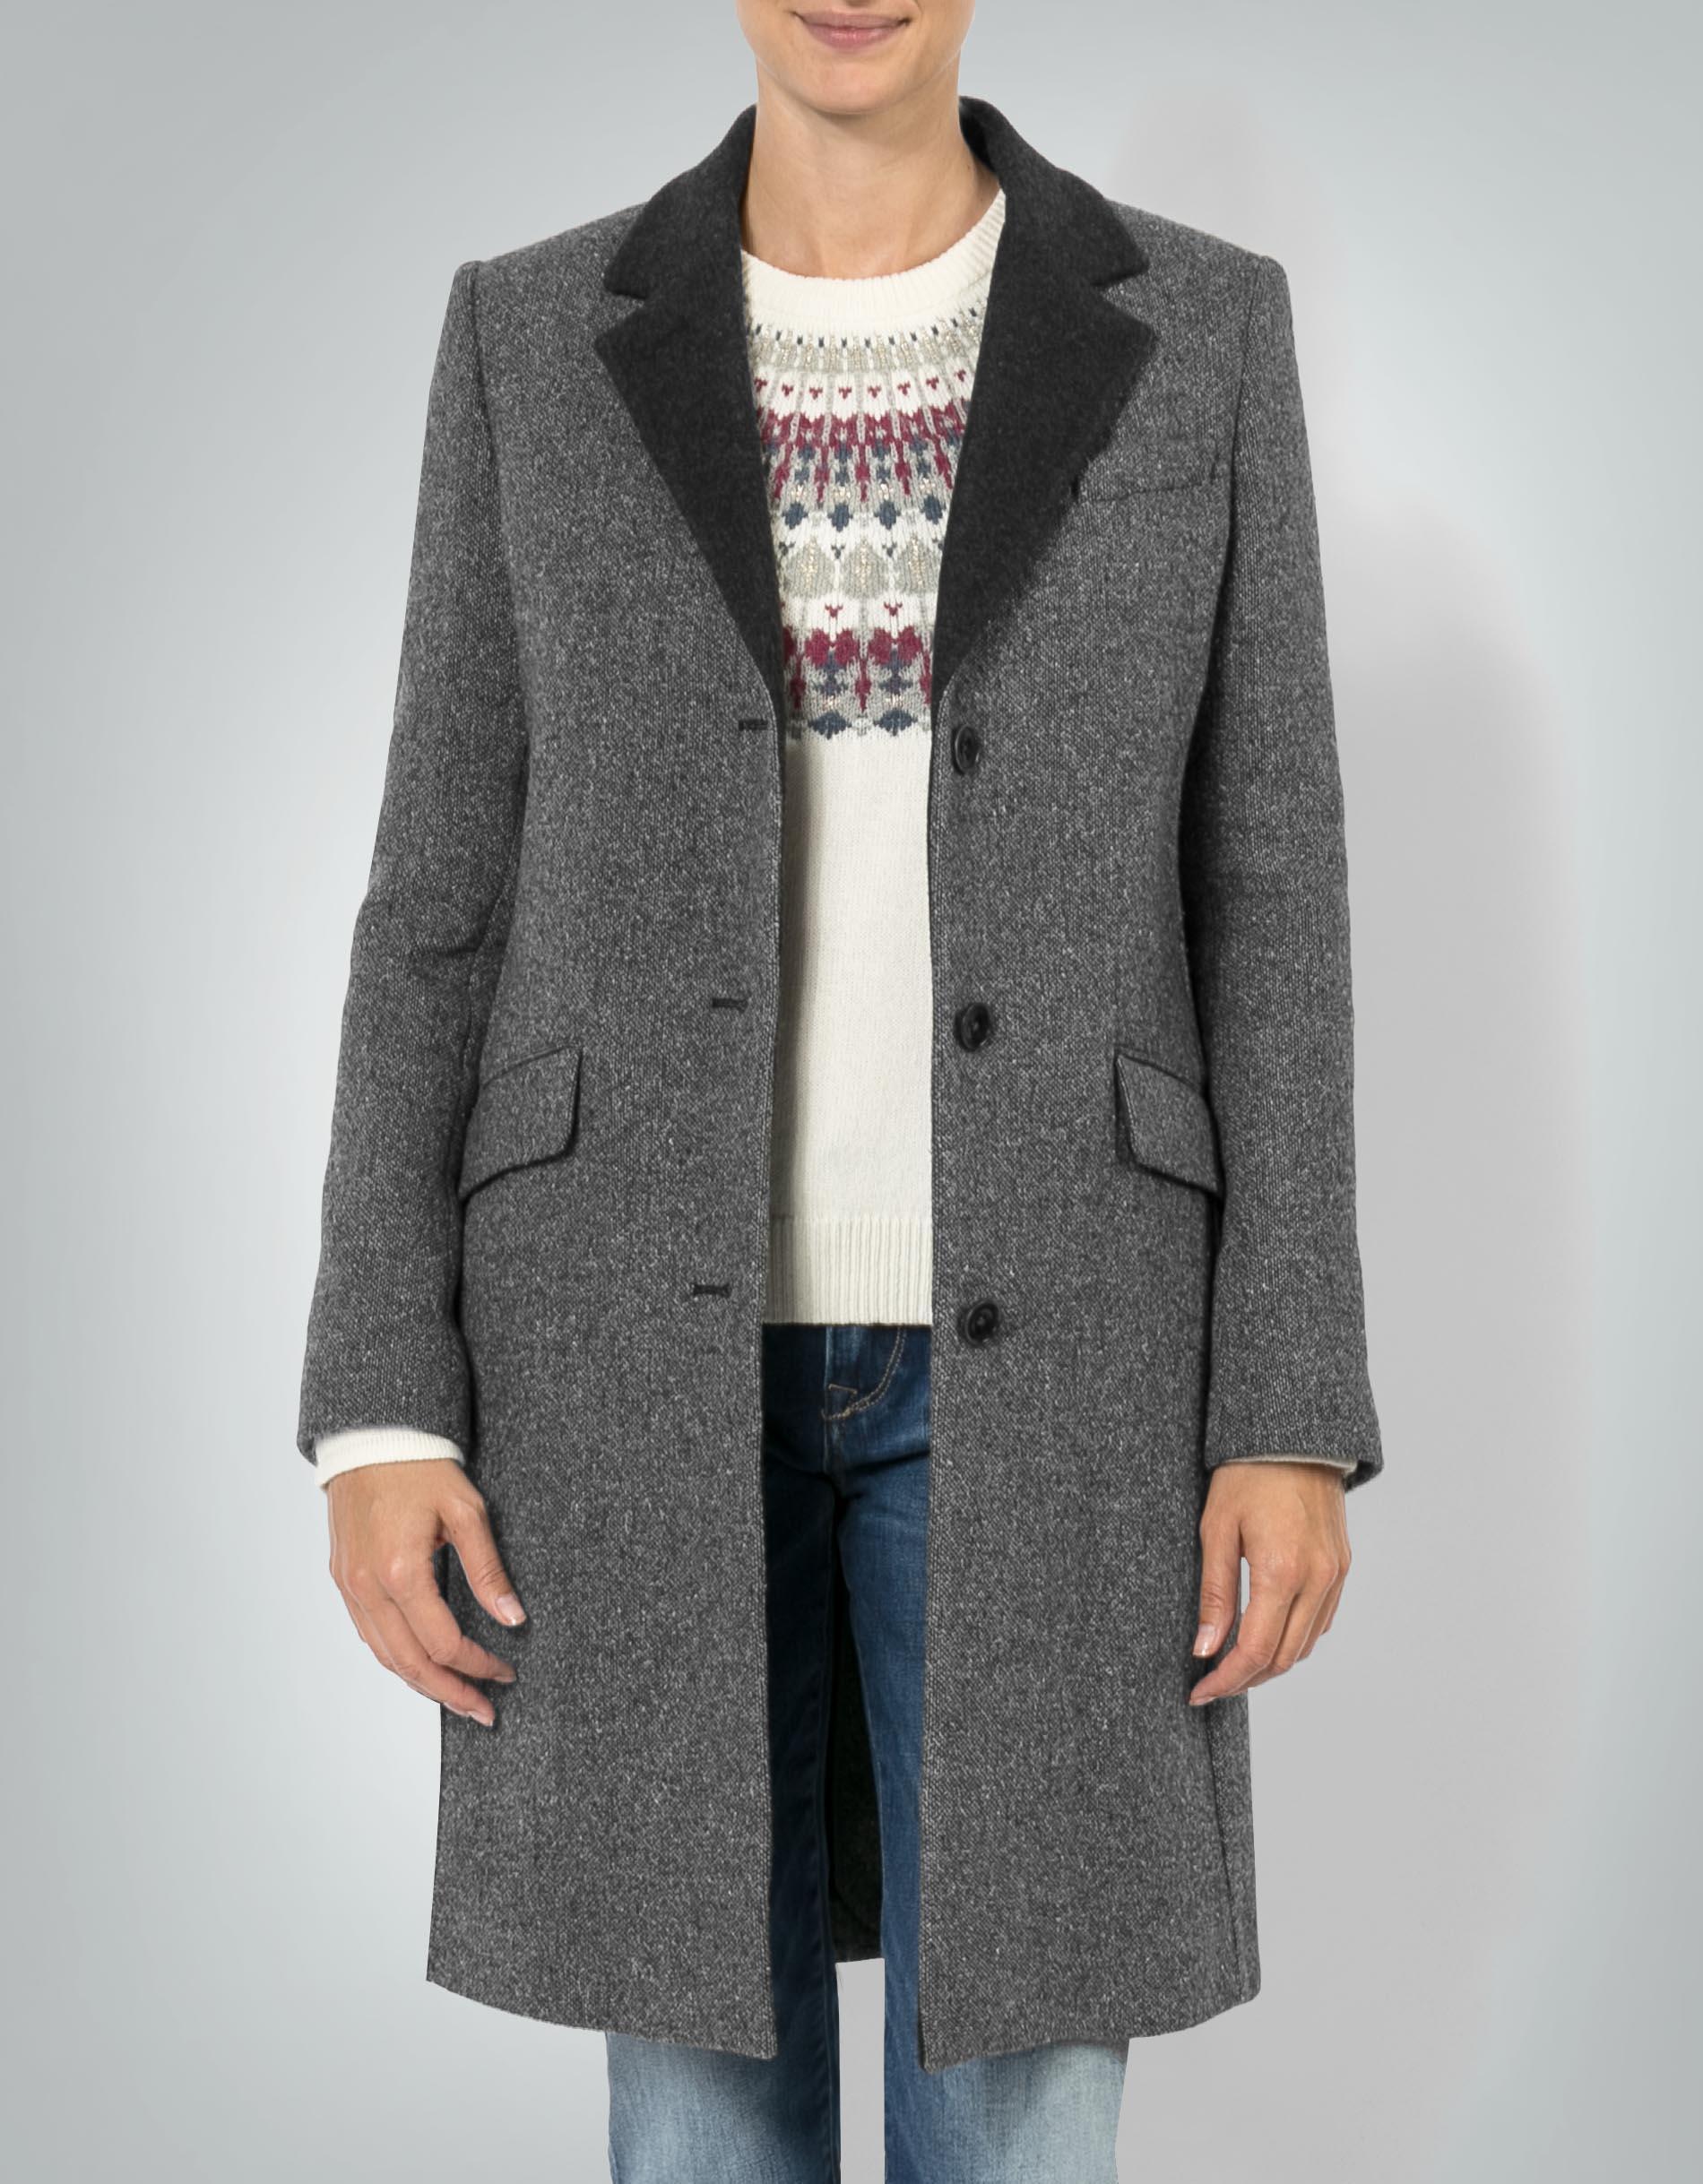 Gant mantel grau